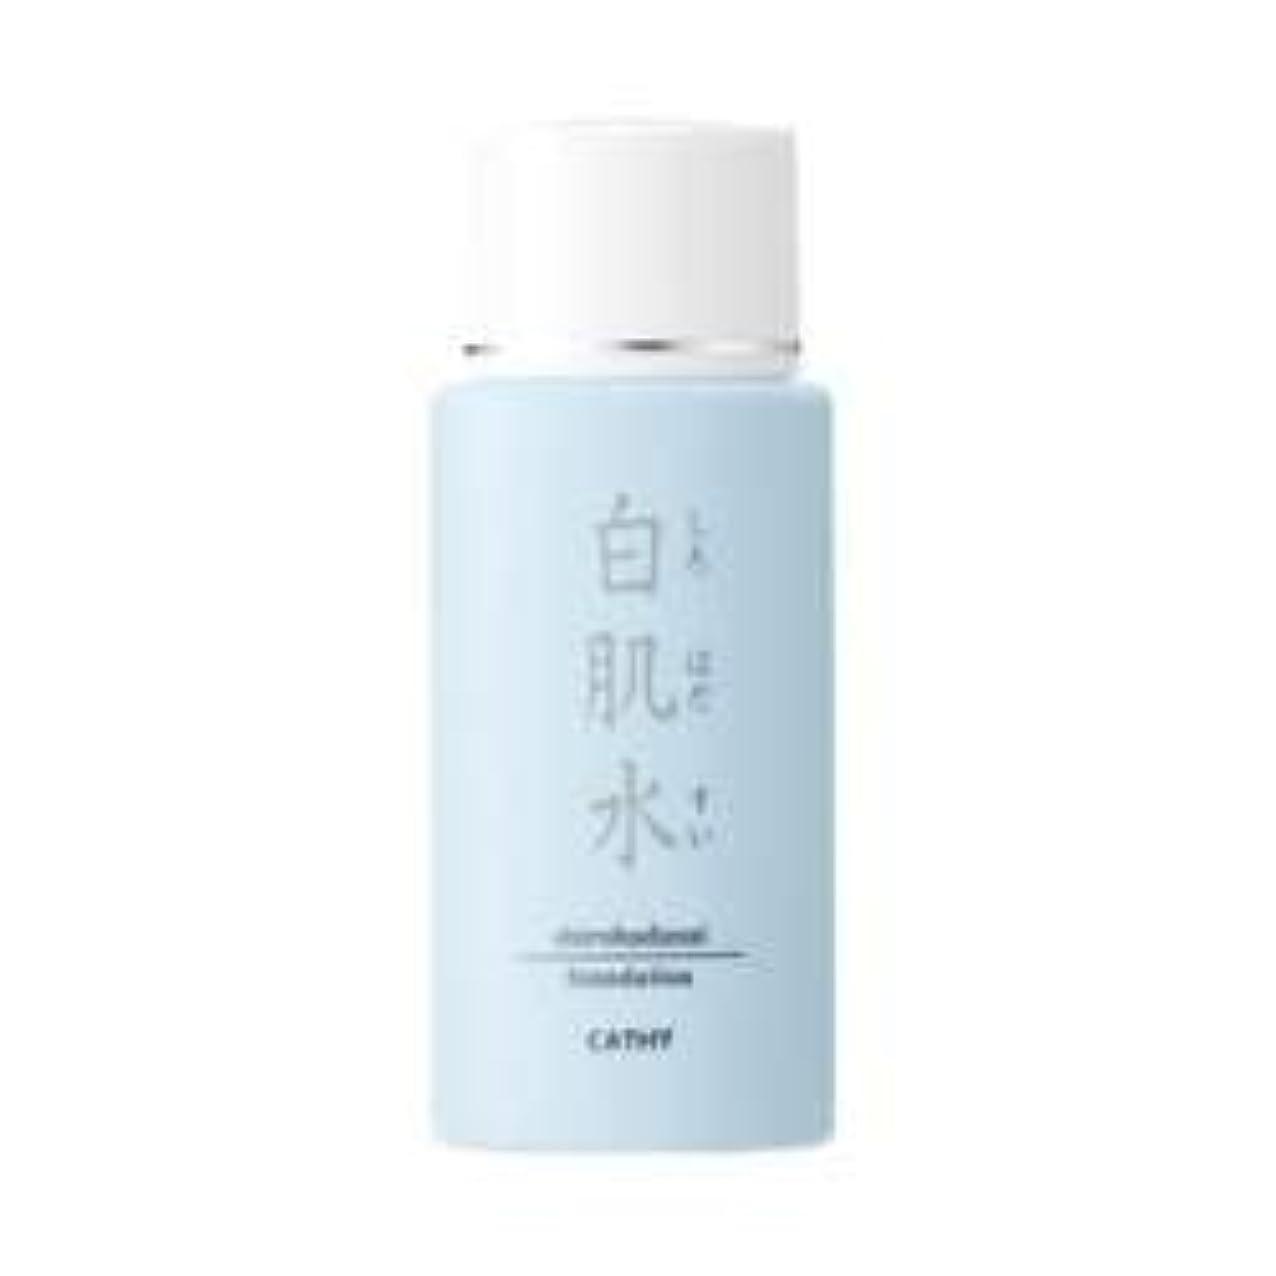 司教適格火薬カシー 白肌水(55ml)